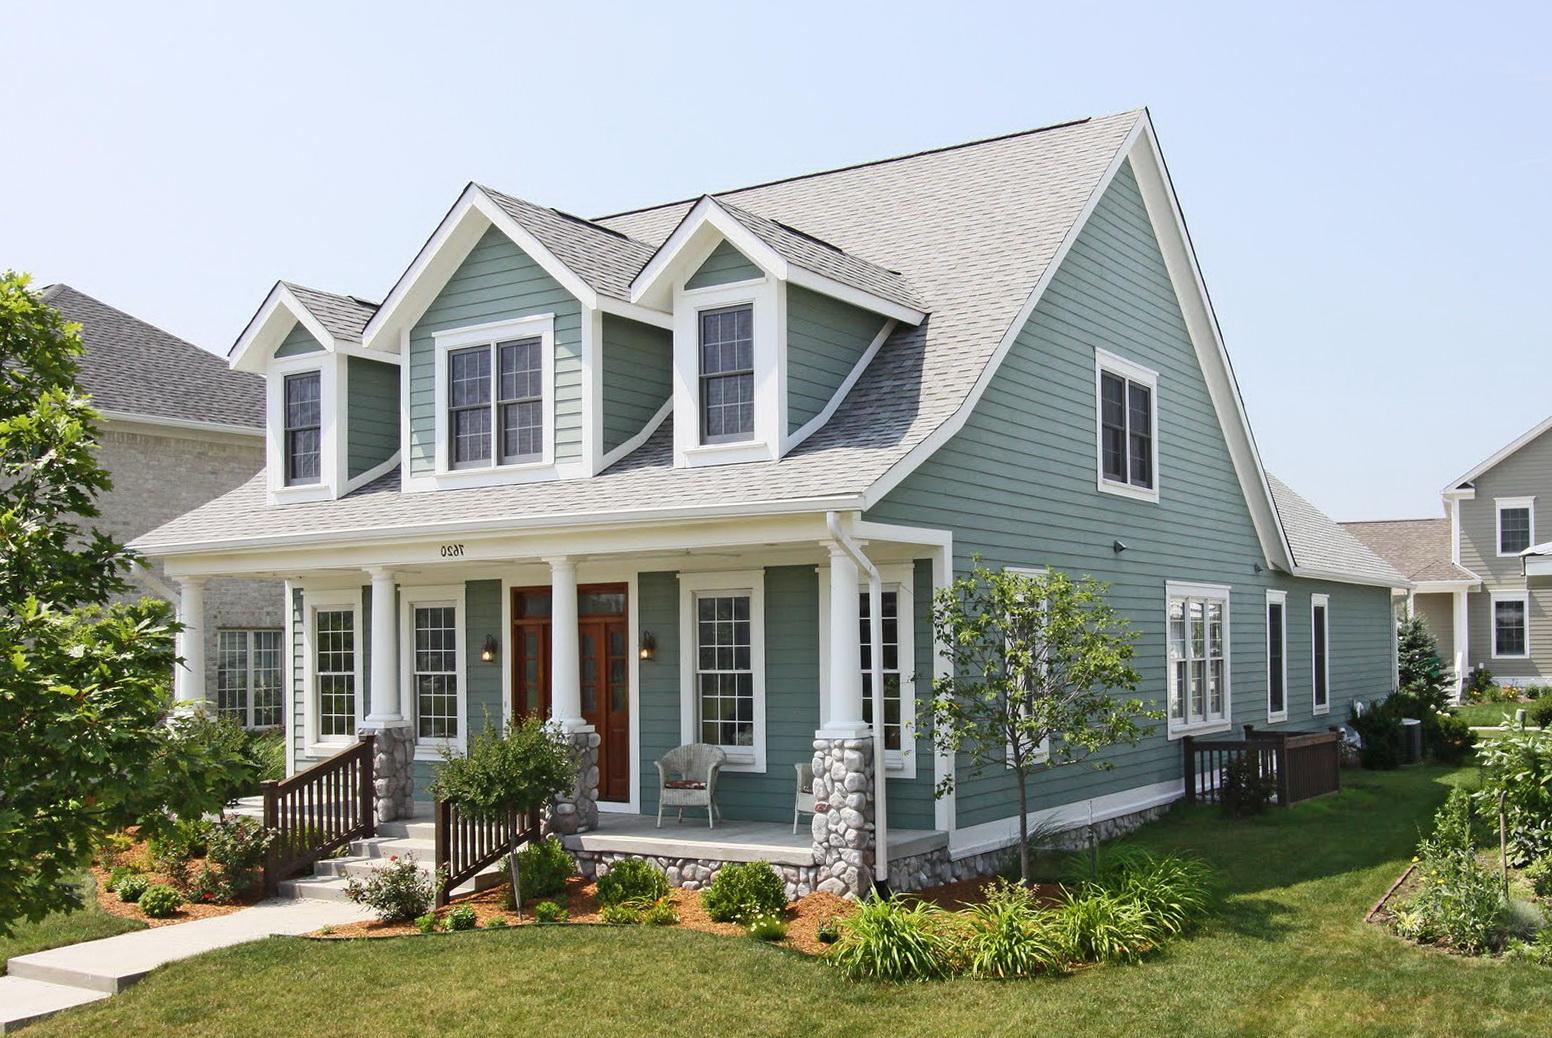 Add Front Porch To Cape Cod Home Design Ideas